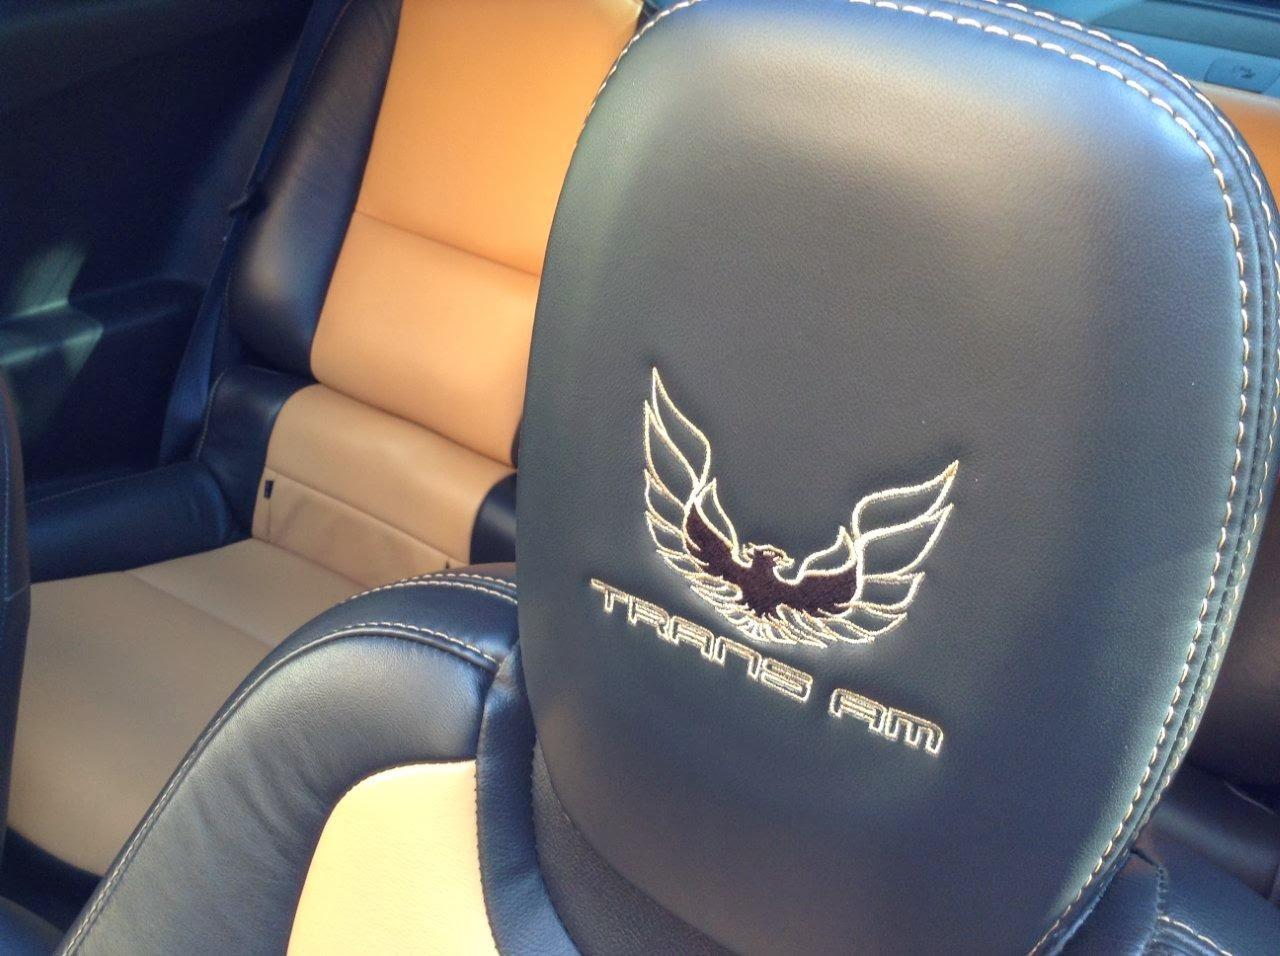 2014 Pontiac Trans Am Price, Specs, Reviews - 2014 Pontiac Trans Am